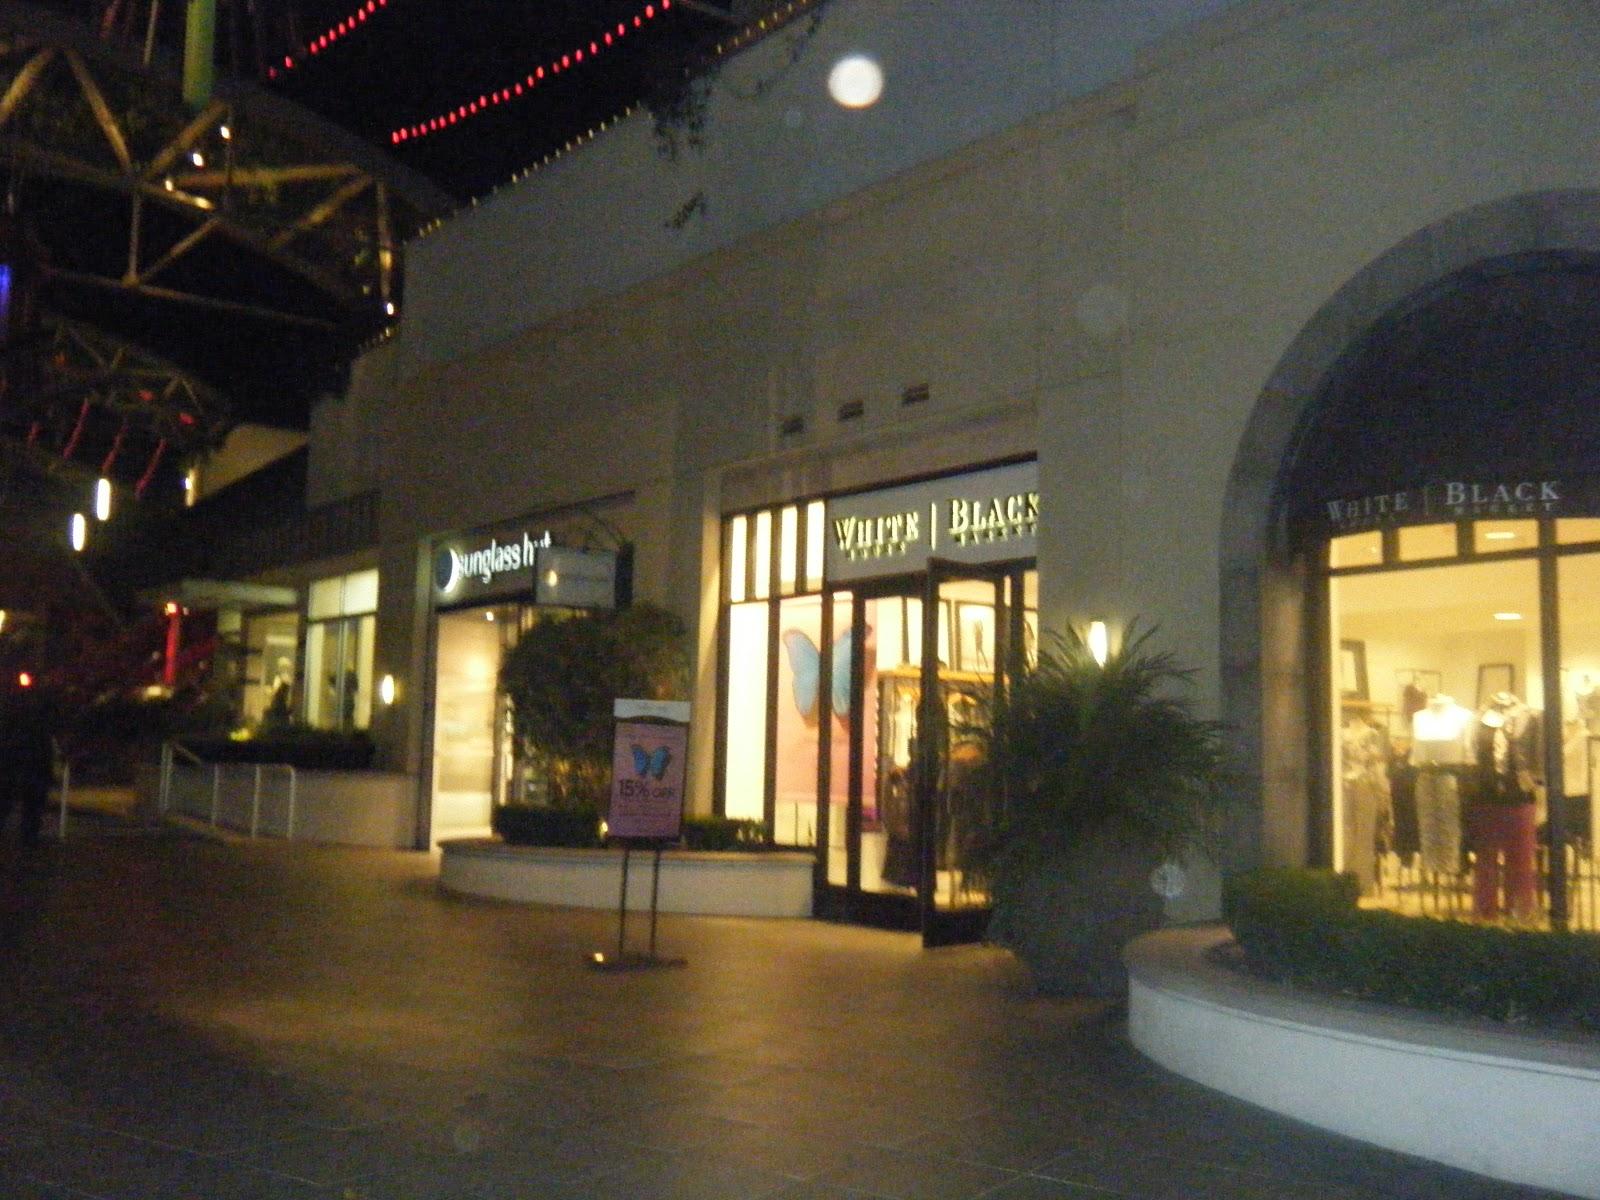 Restaurants In Garden Walk Anaheim Ca: Shereen Travels Cheap: Visiting Anaheim GardenWalk 11.10.12